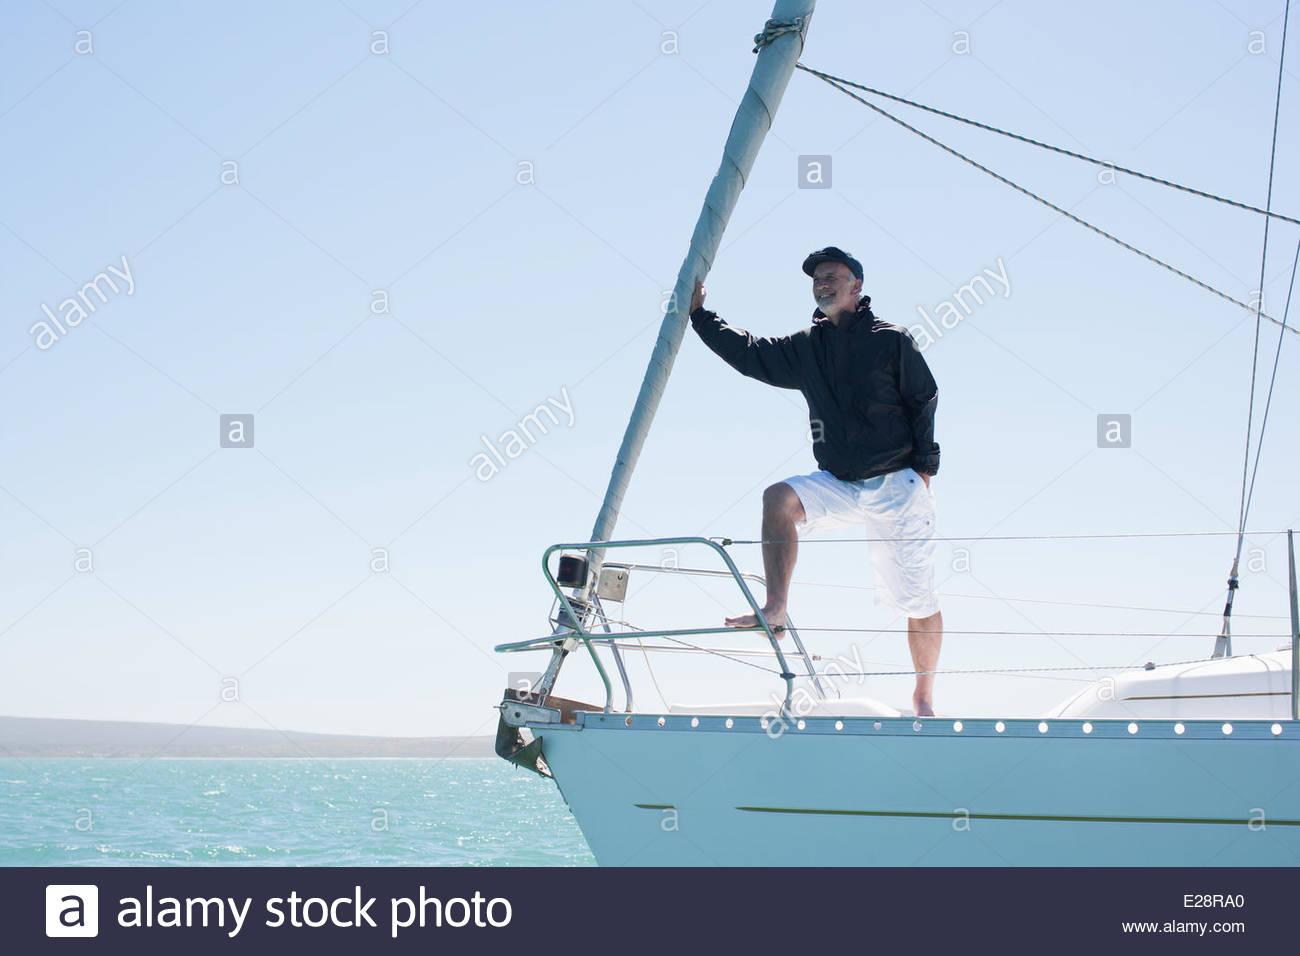 Uomo in piedi sul ponte della barca a vela Immagini Stock